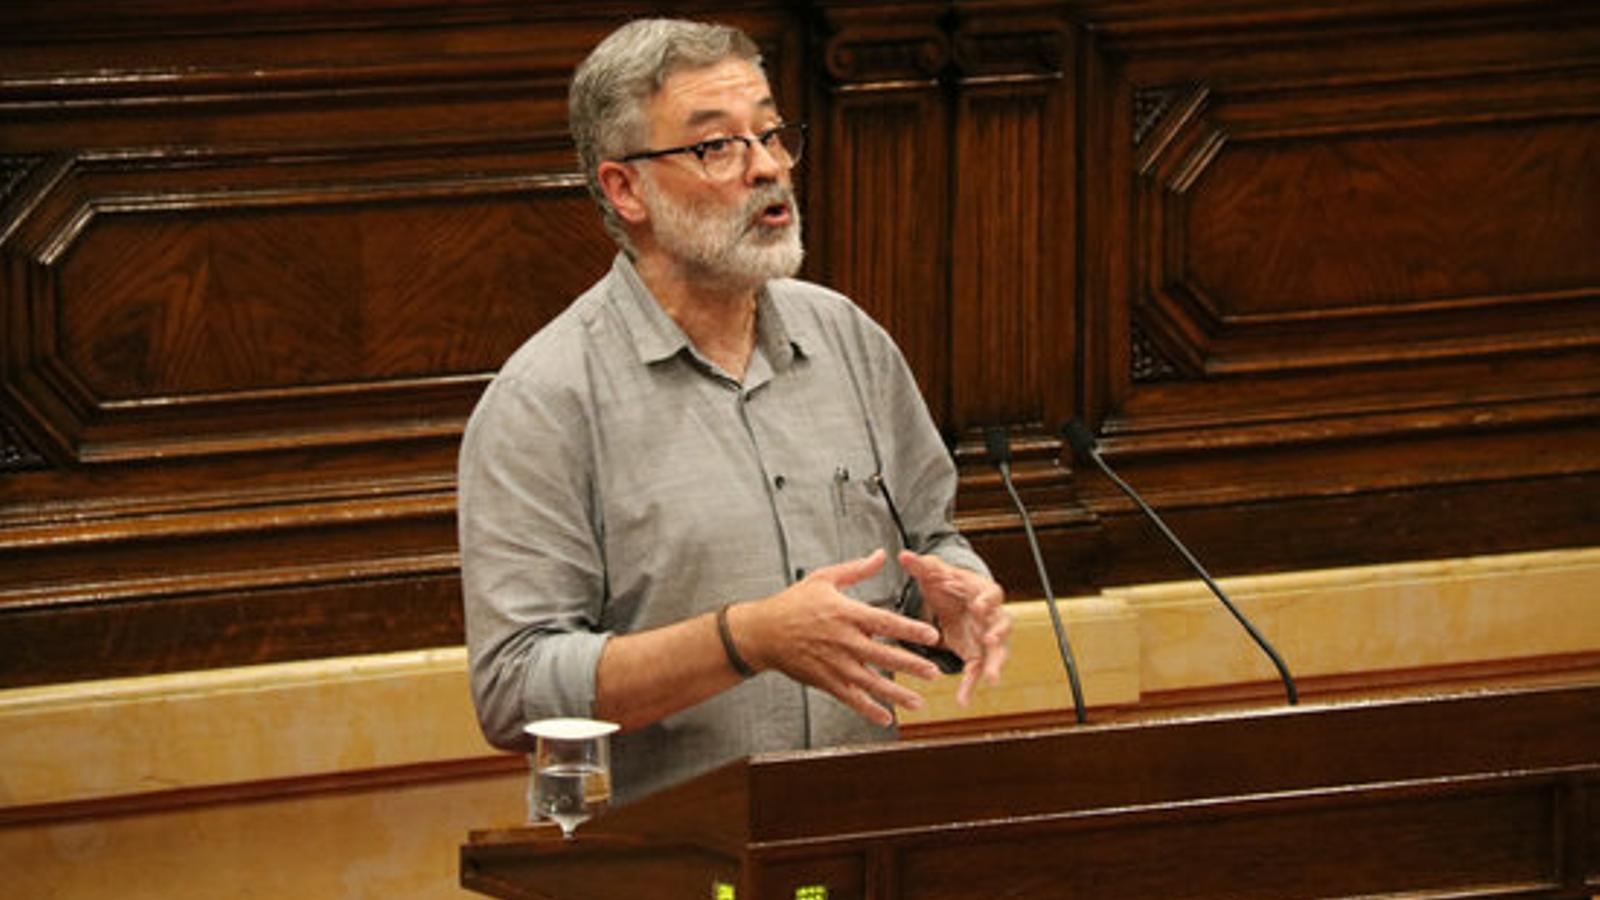 """La CUP reclamarà l'amnistia per als presos i exiliats i no l'indult perquè seria una """"evident contradicció política"""""""